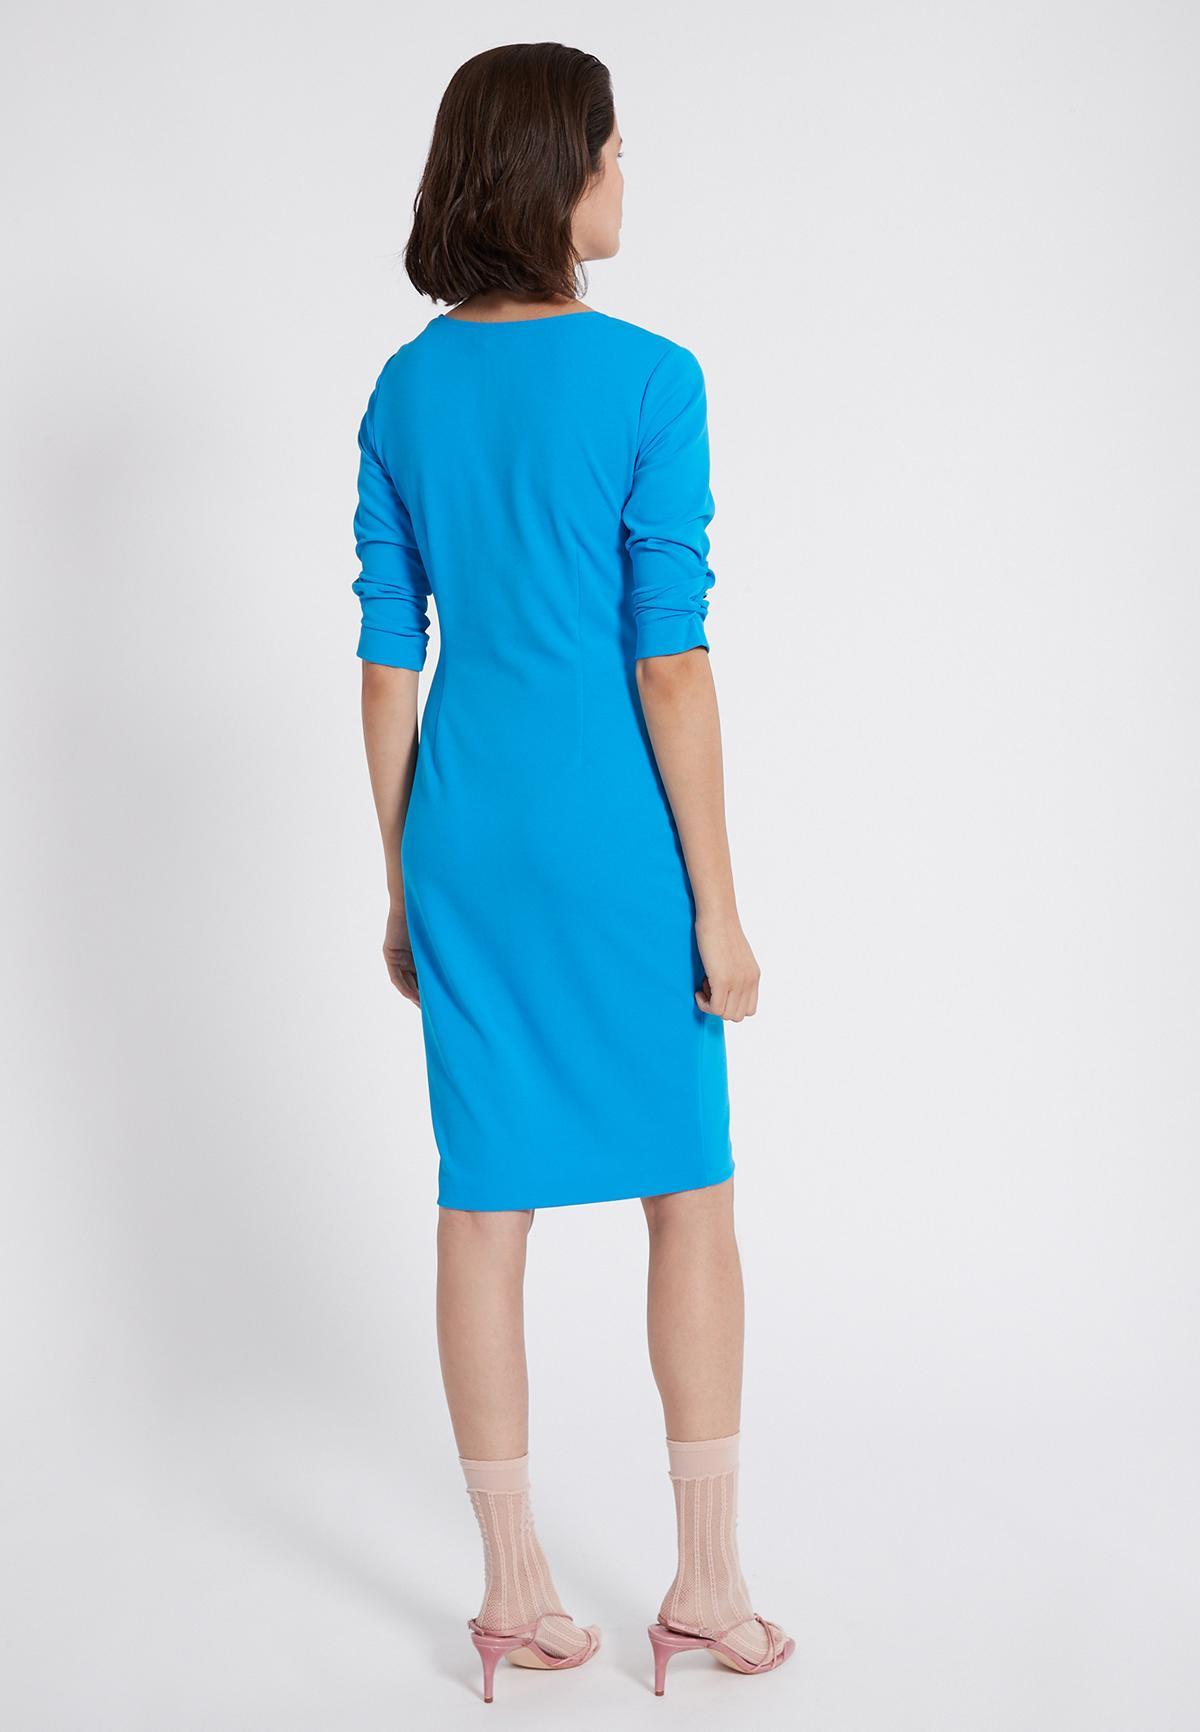 Rückansicht von Ana Alcazar Knotenkleid Savea Blau  angezogen an Model